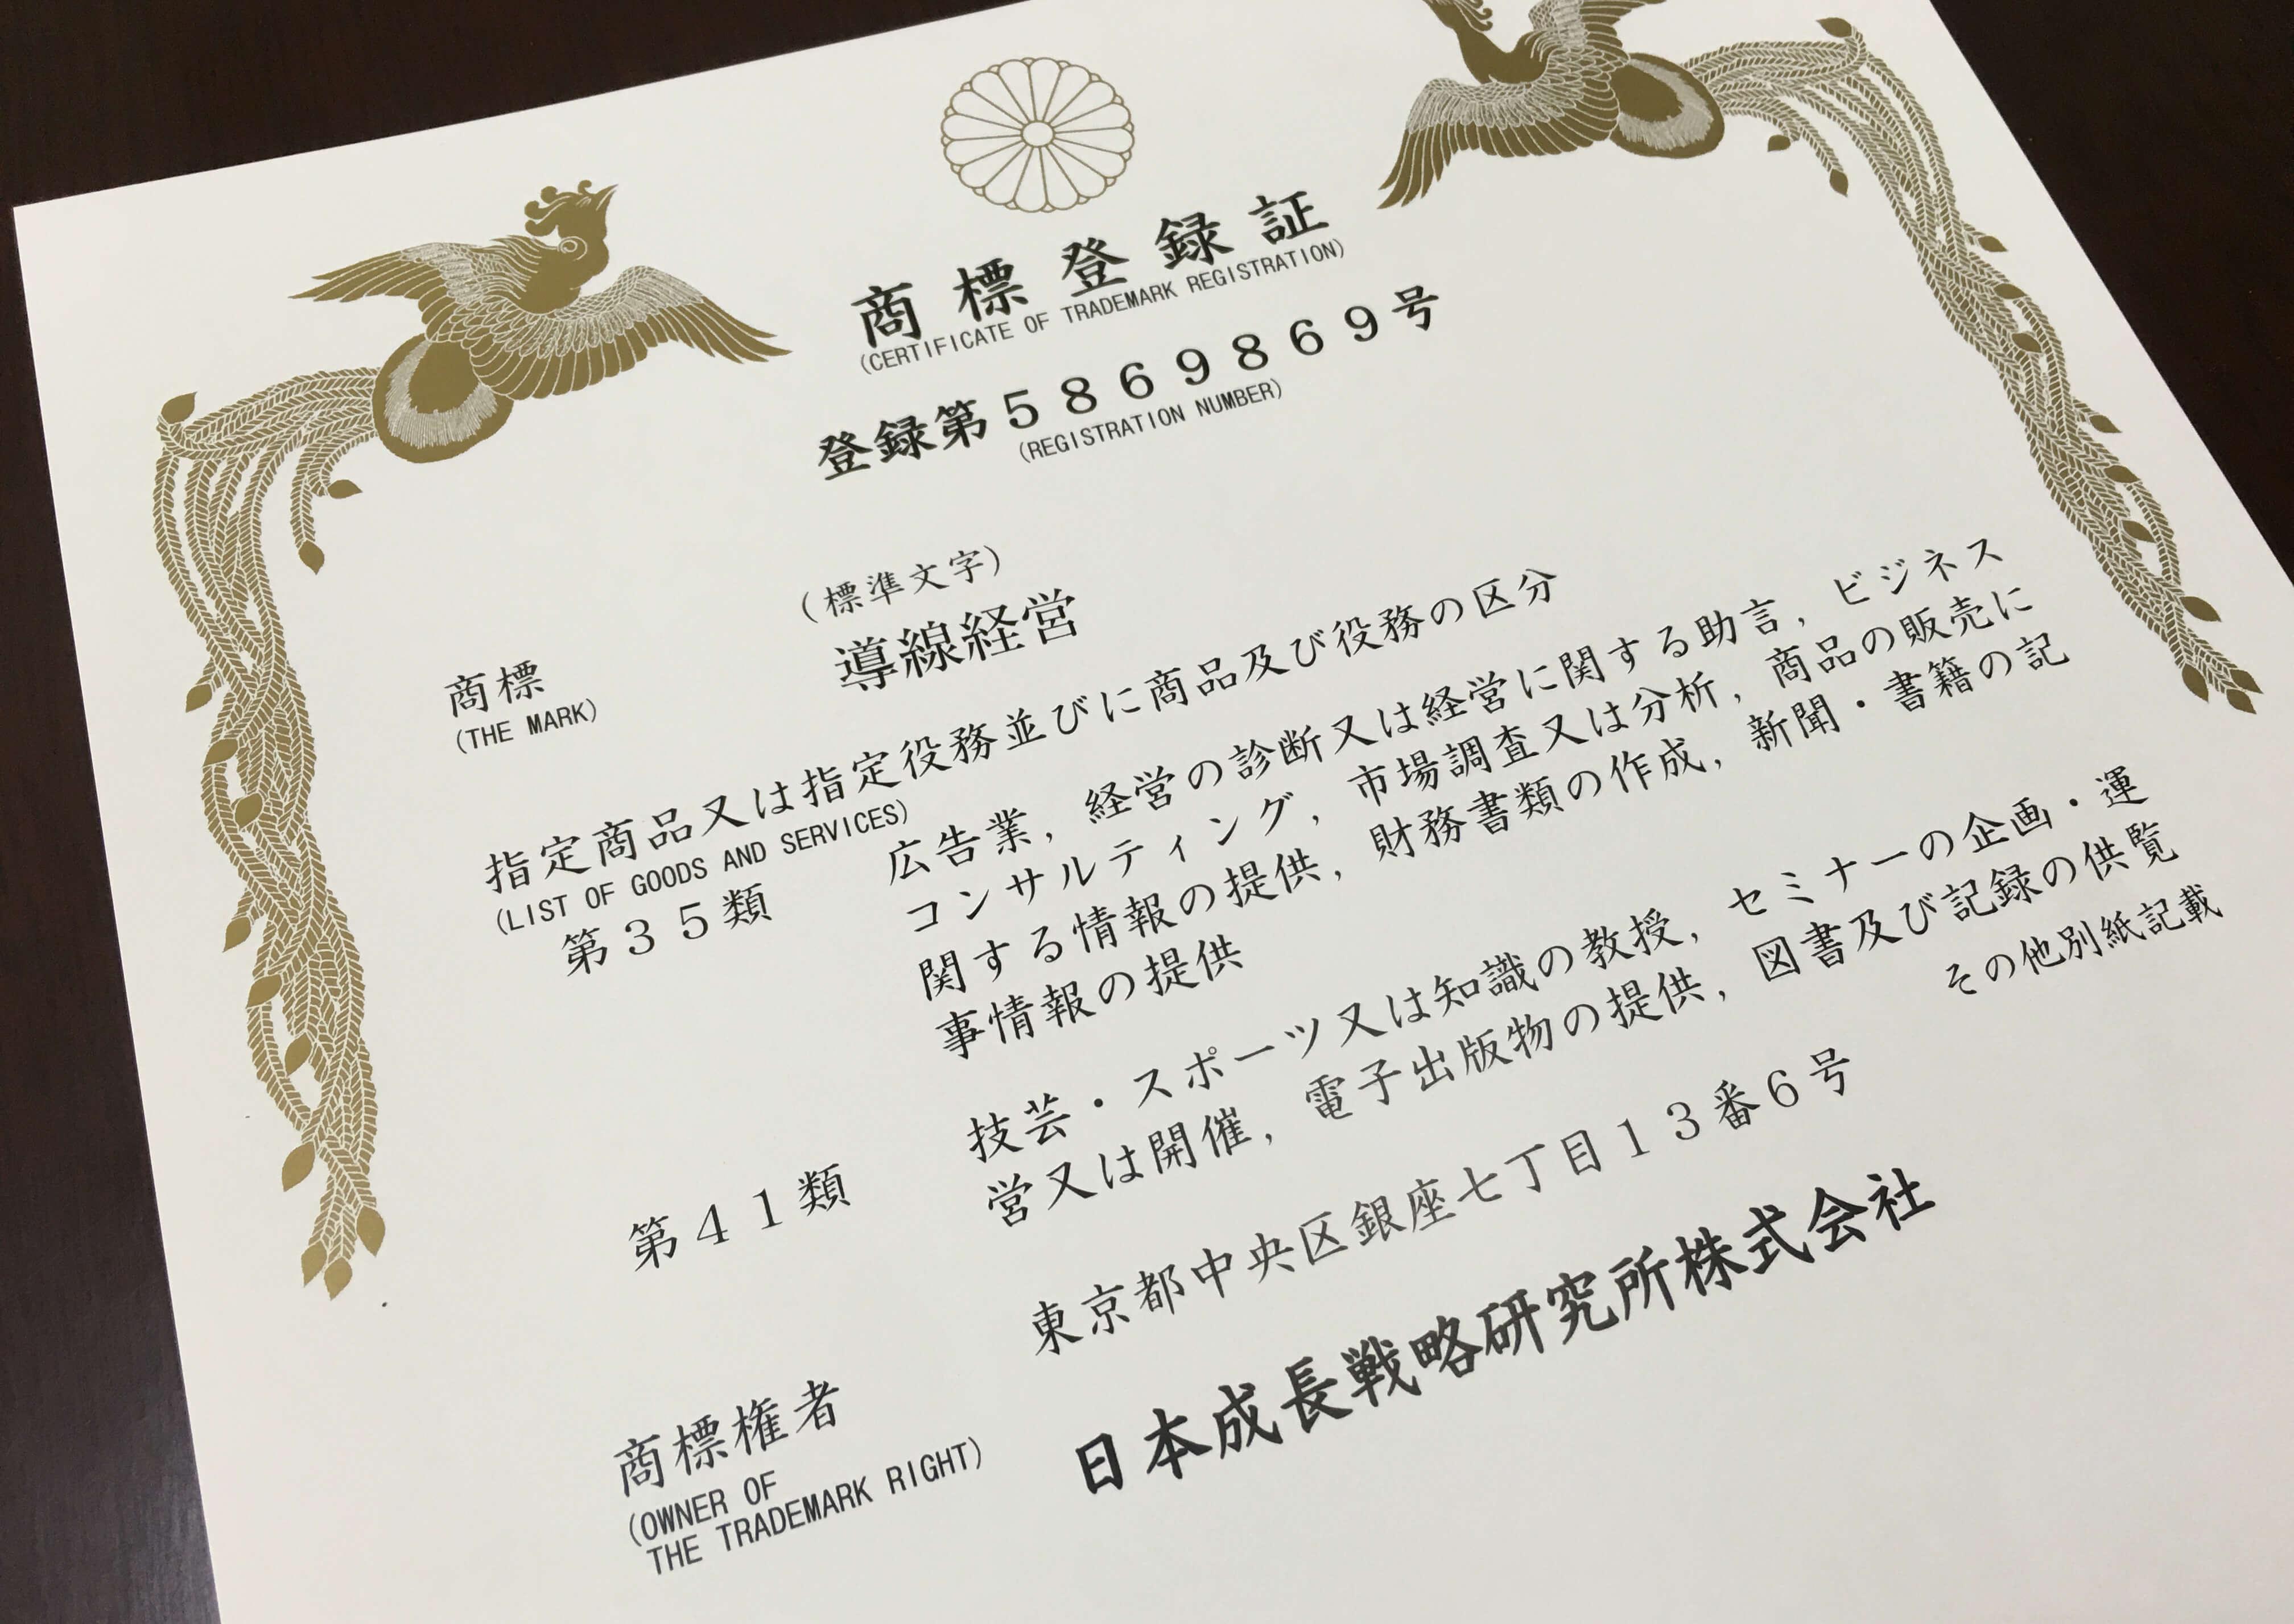 """日本で唯一、集客の仕組み、営業・販売の仕組みが商標登録""""導線経営""""コンサルティング"""